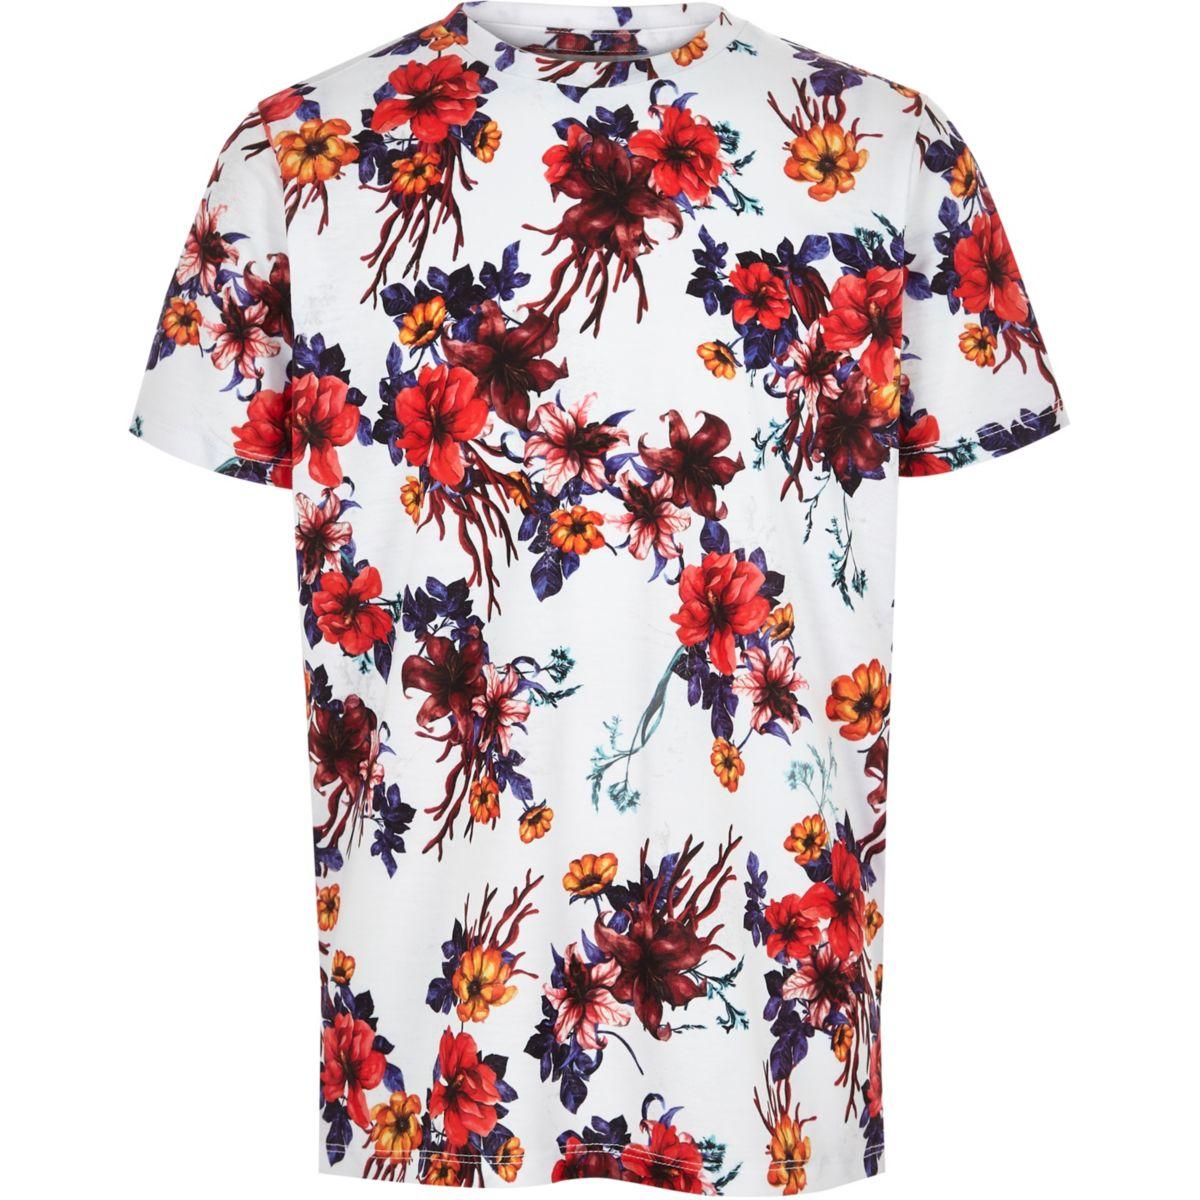 Boys white floral print T-shirt